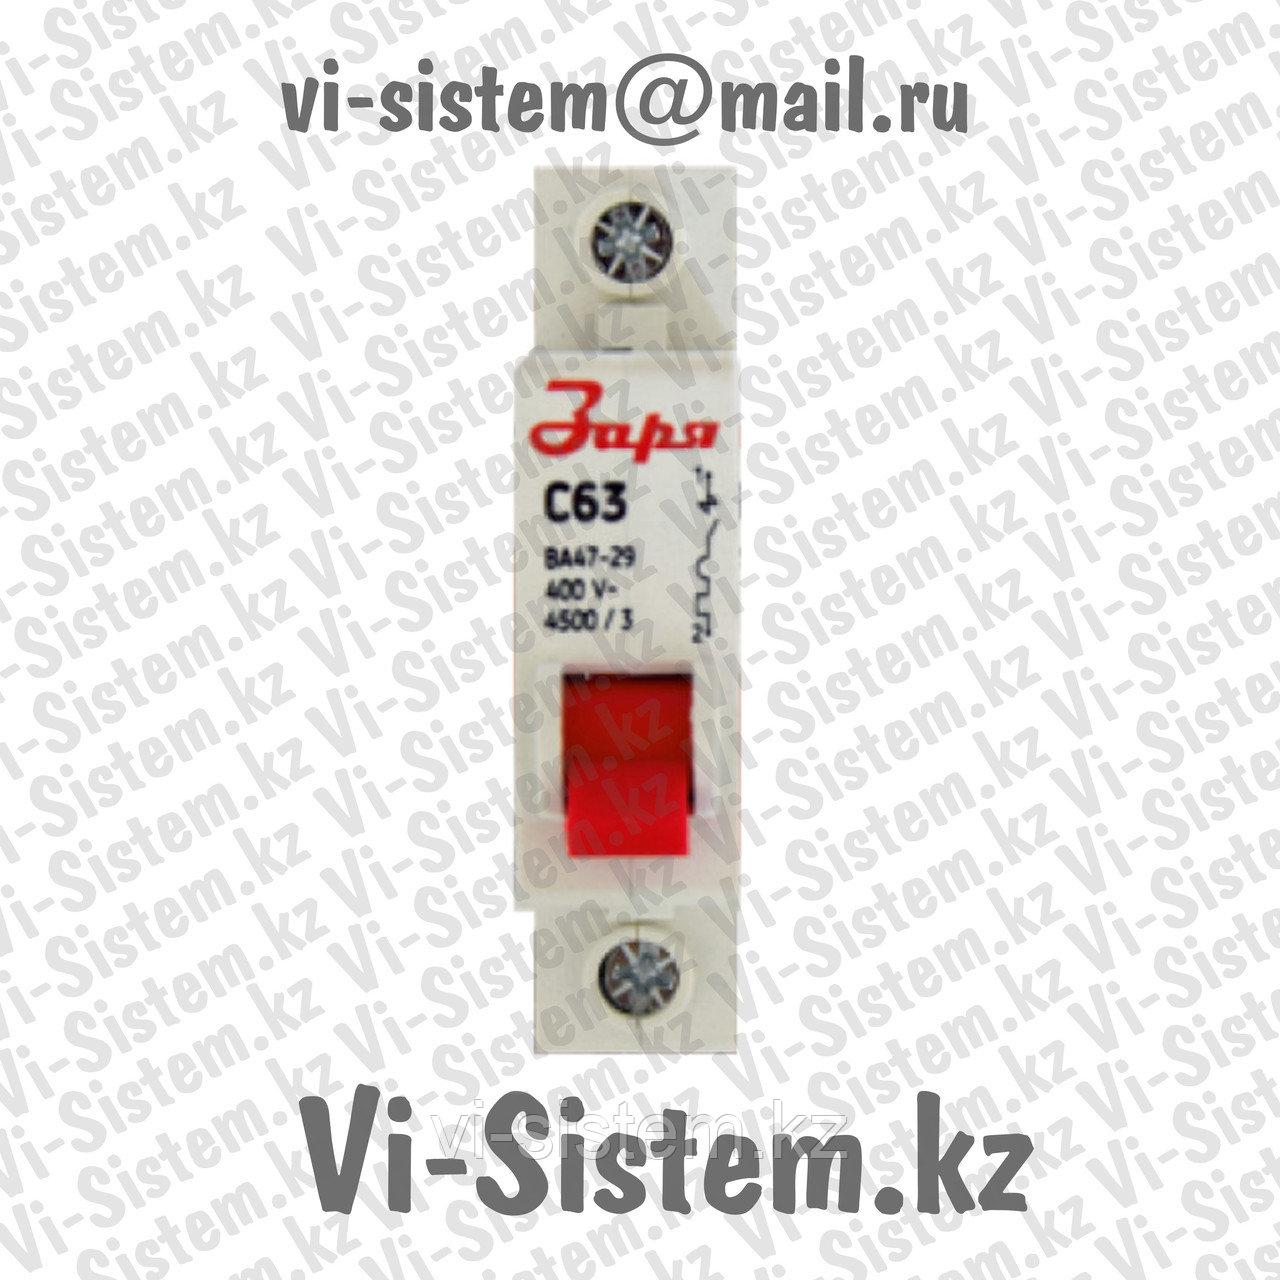 Автоматический выключатель Заря C63 1P-63A